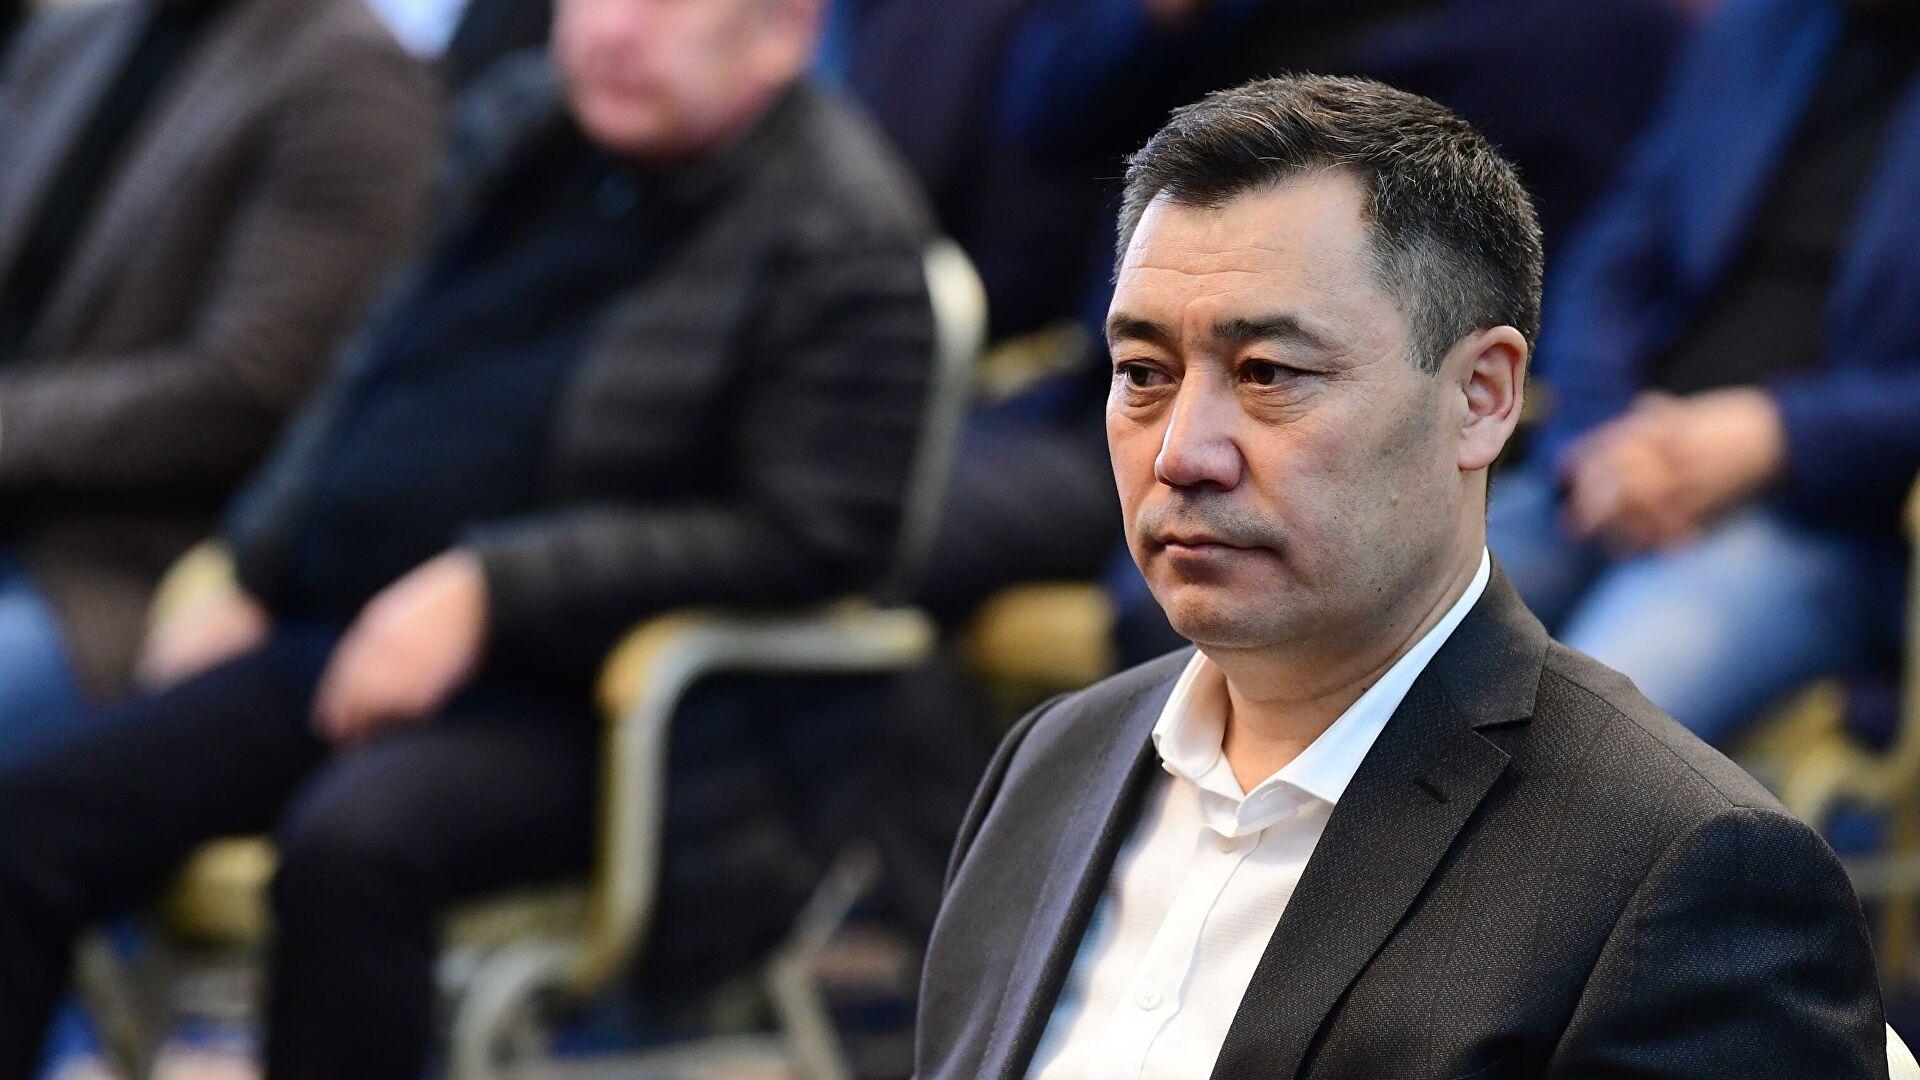 Новый премьер Кыргызстана Жапаров может стать и.о. президента в случае отставки Жээнбекова